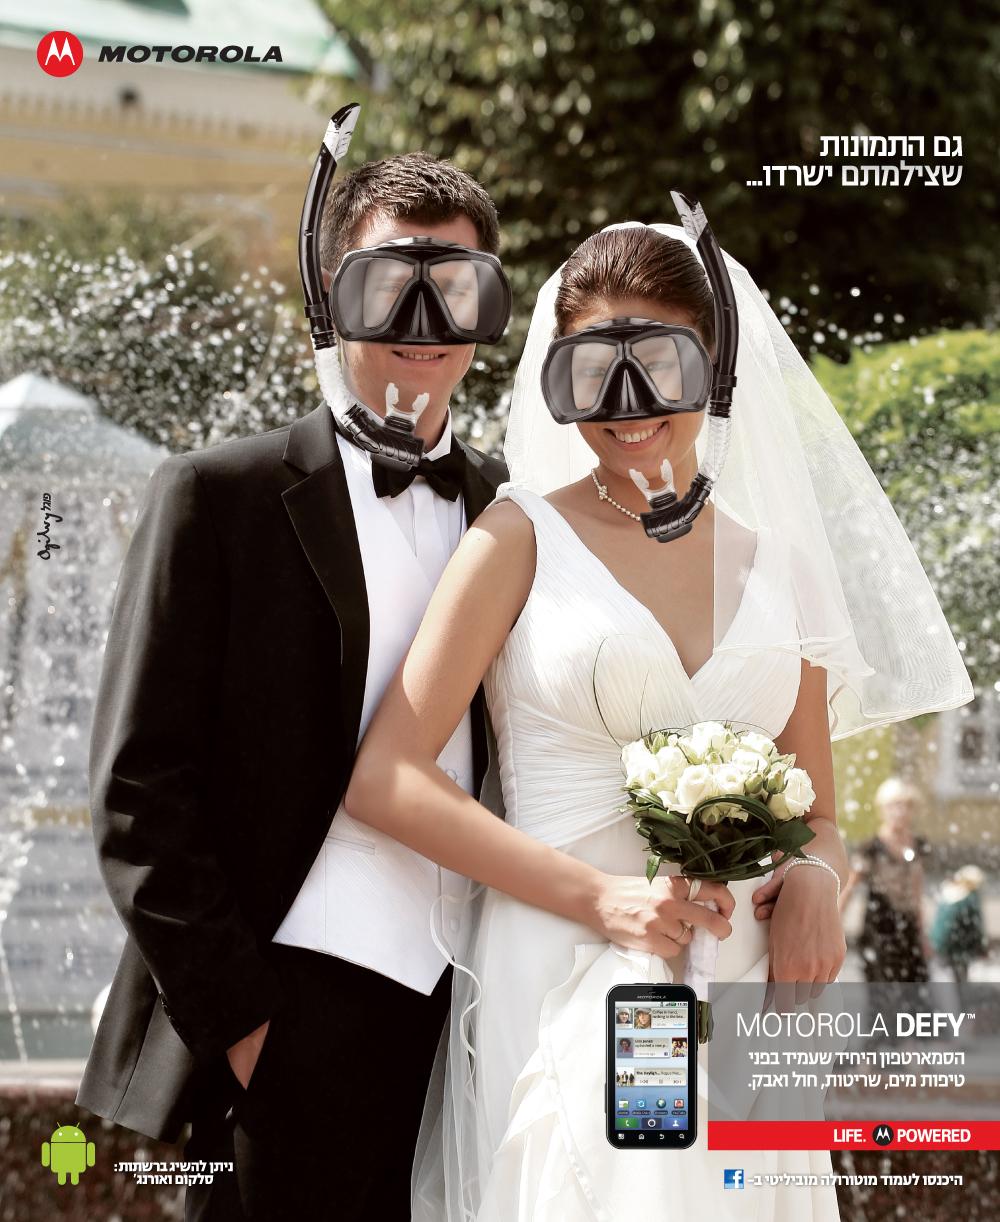 מדד המותגים 2011 - פוגל אוגילבי